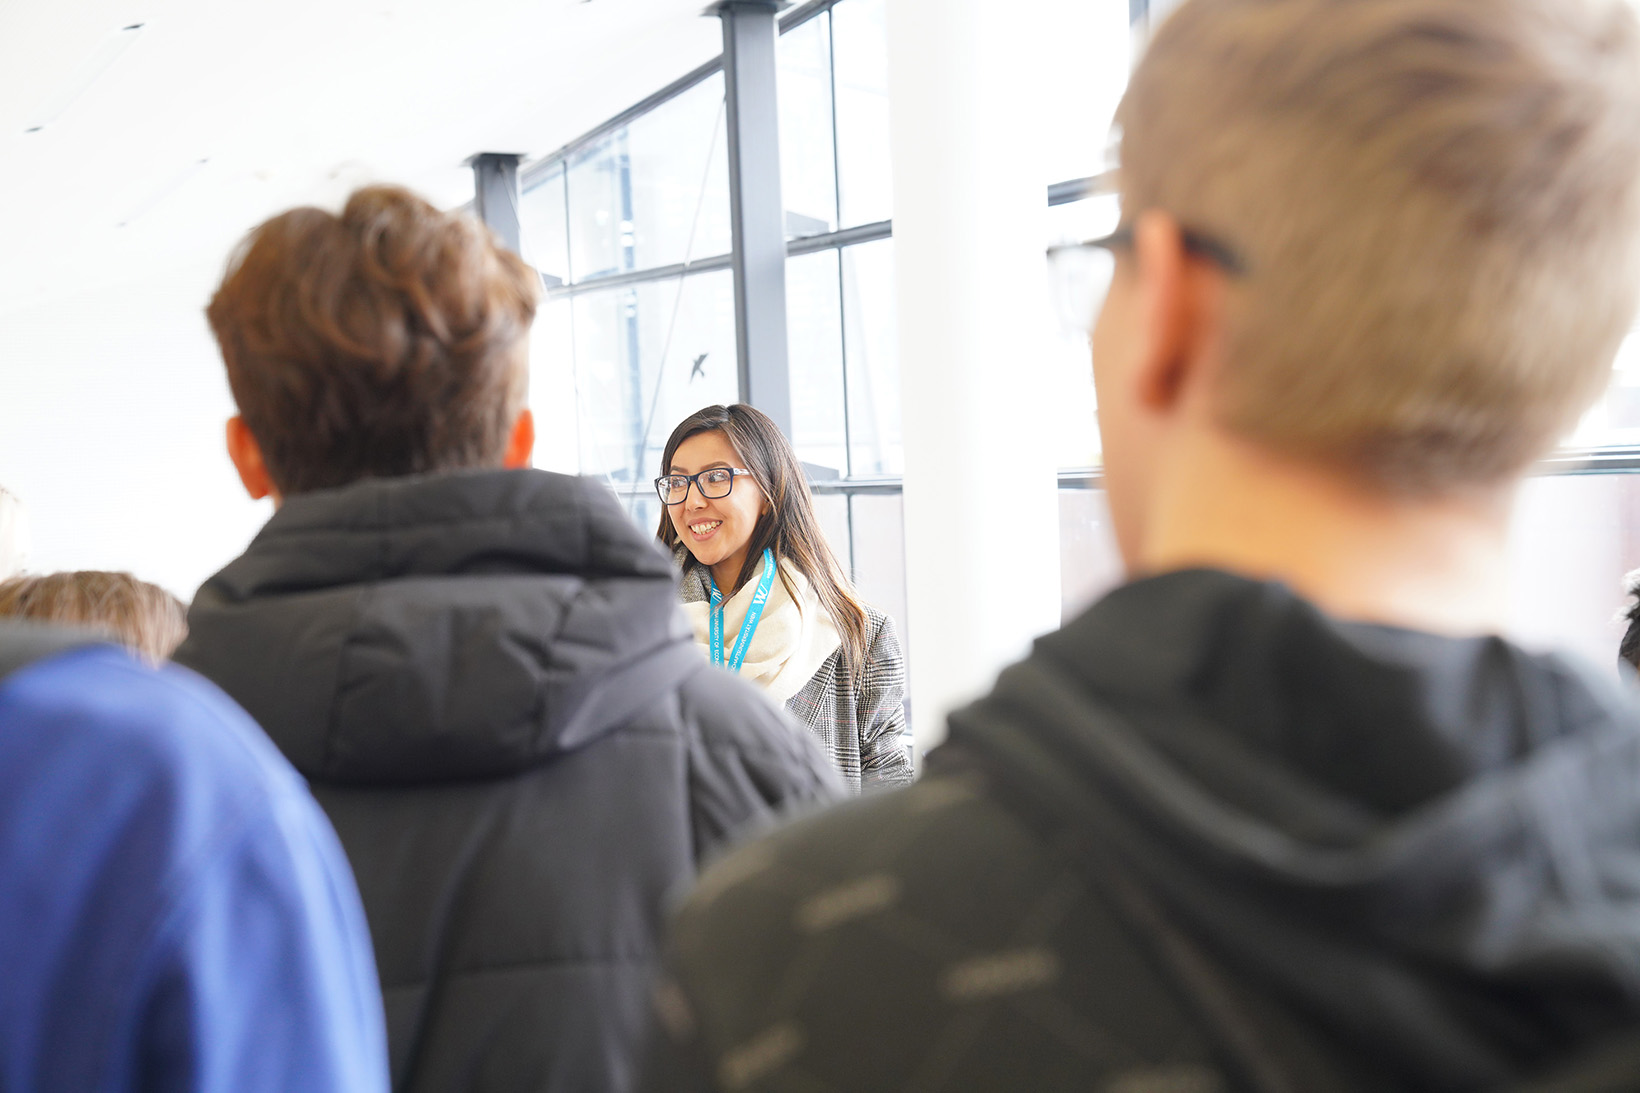 Schüler/innen bei einer Campusführung